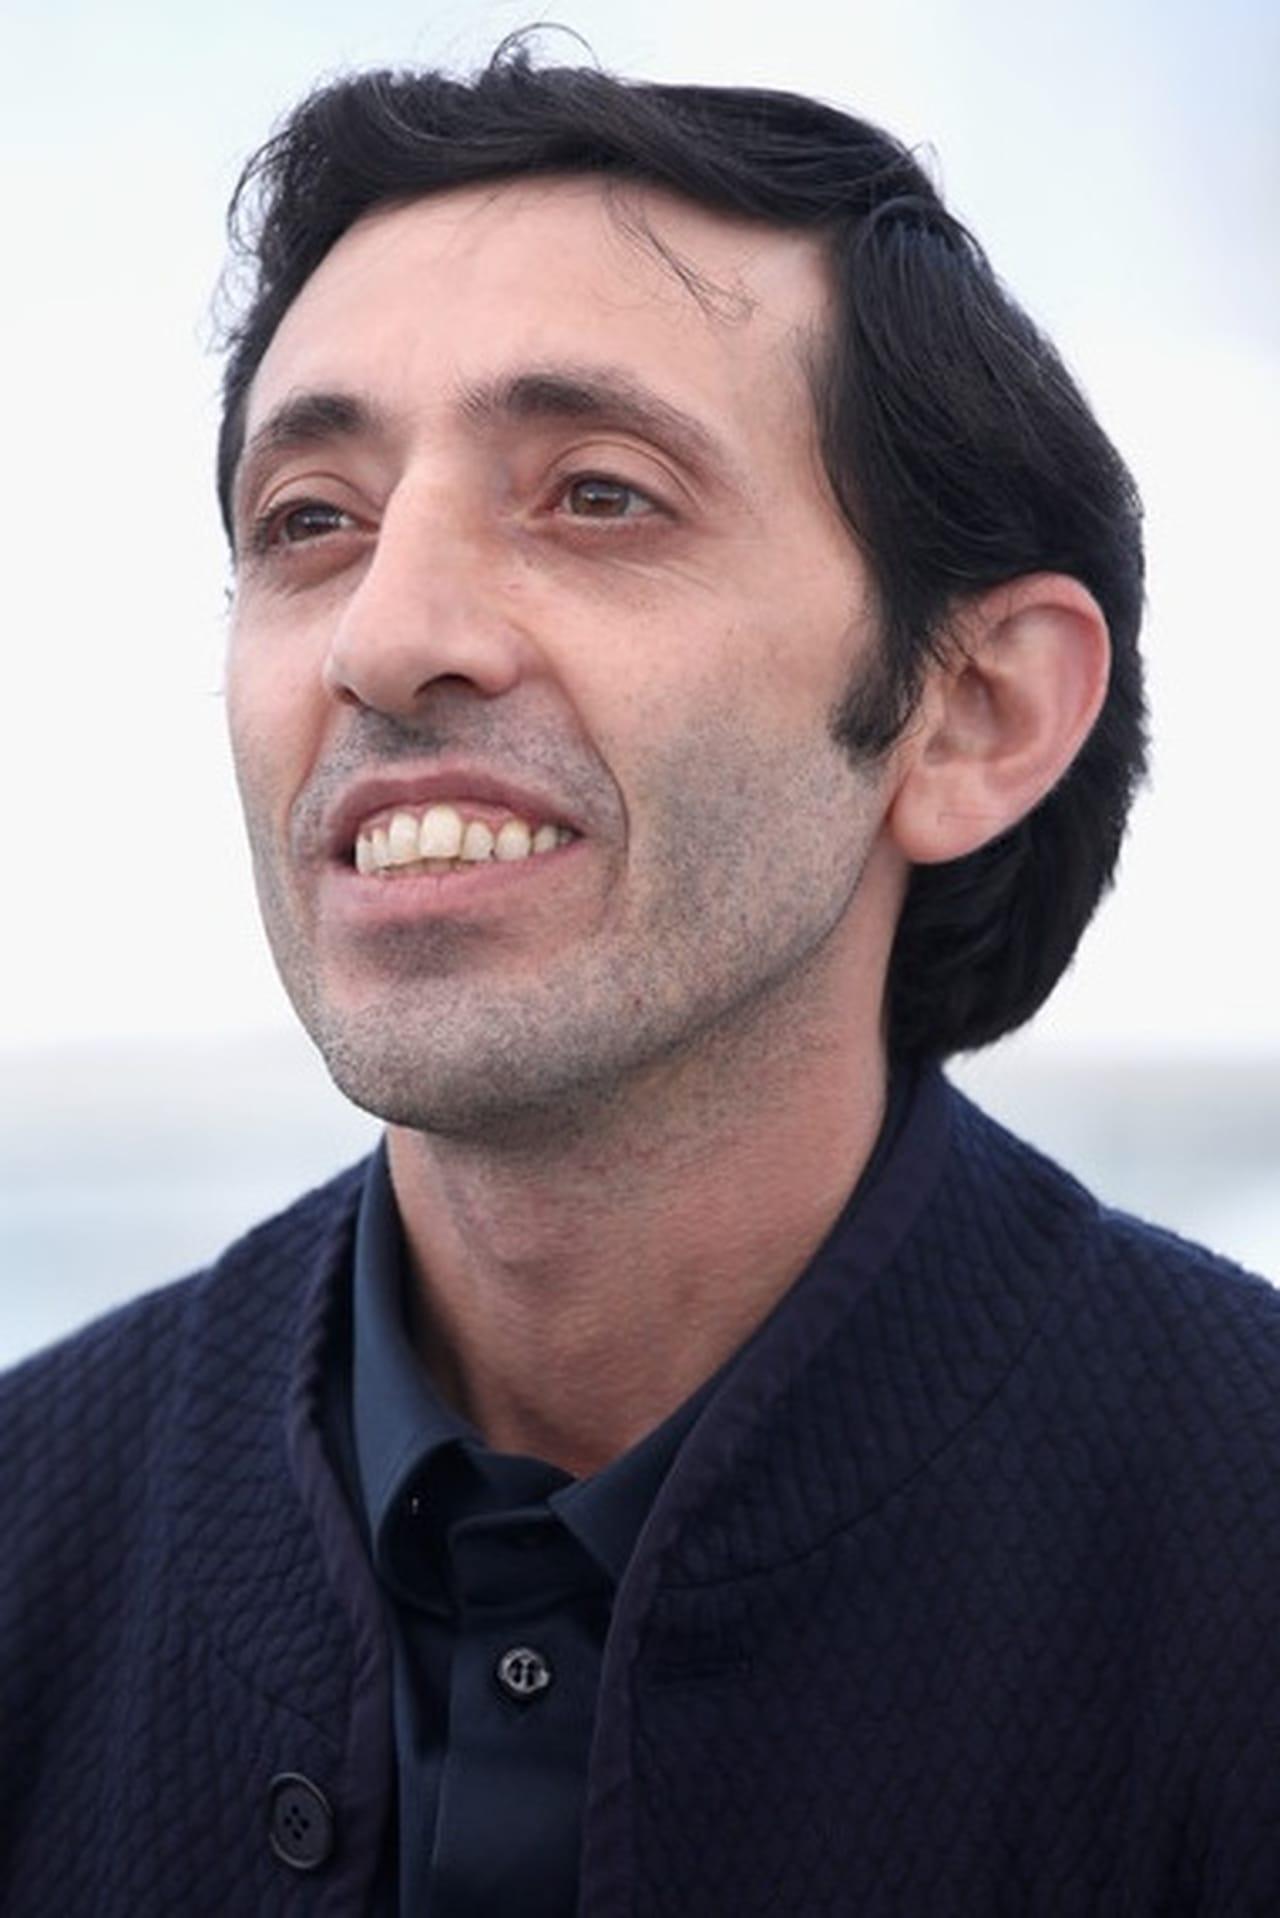 Marcello Fonte isMarcello